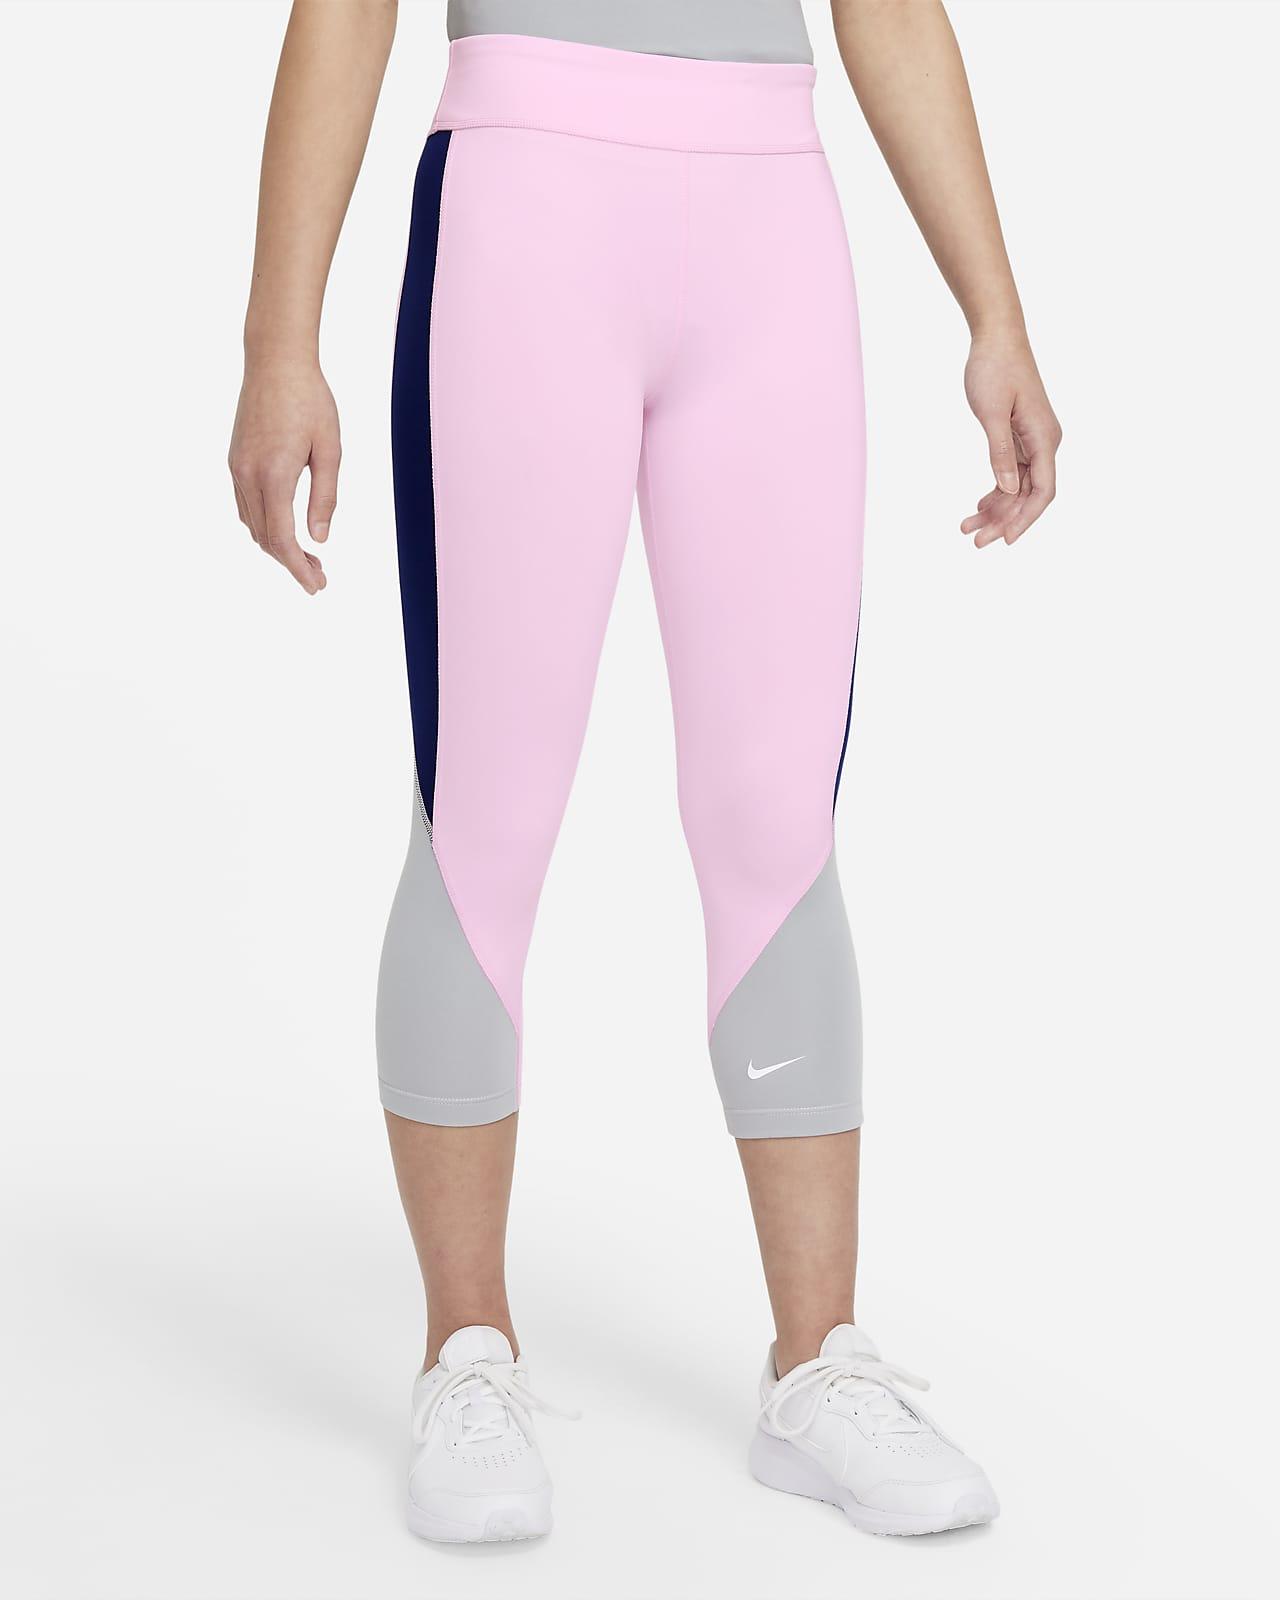 เลกกิ้ง 3 ส่วนเอวสูงเด็กโต Nike Dri-FIT One (หญิง)